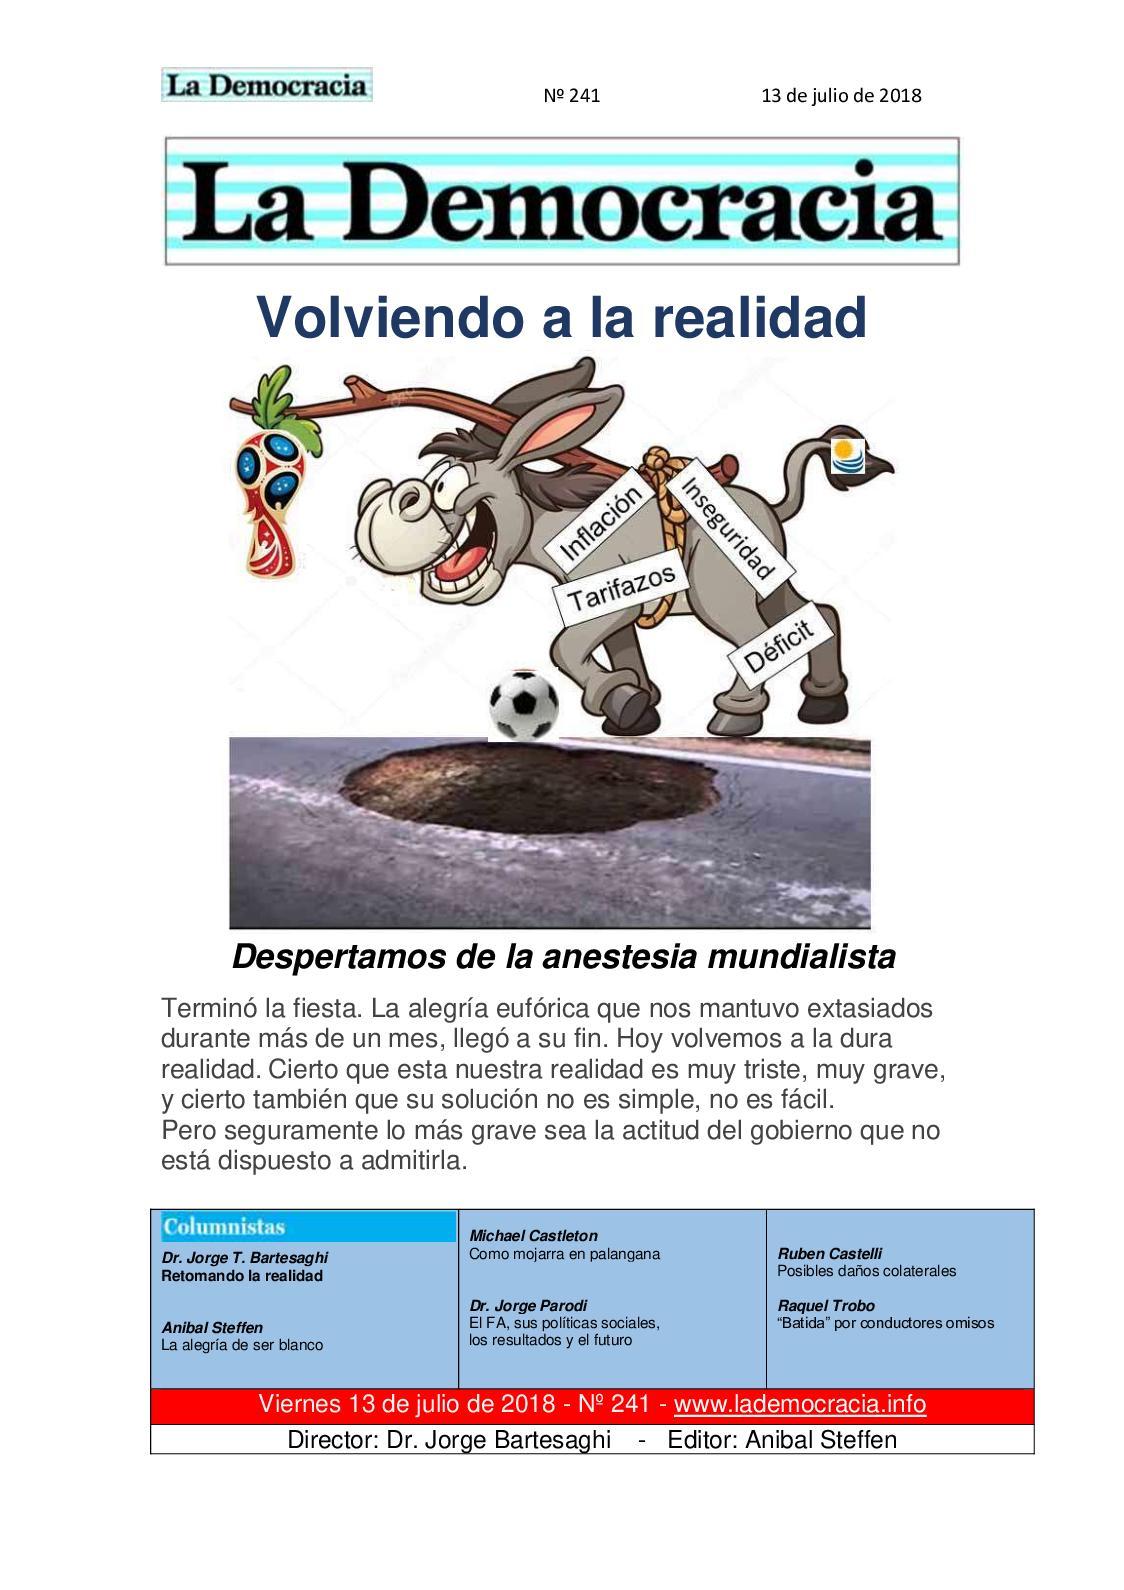 La Democracia - Nº 241 -/13/7/18